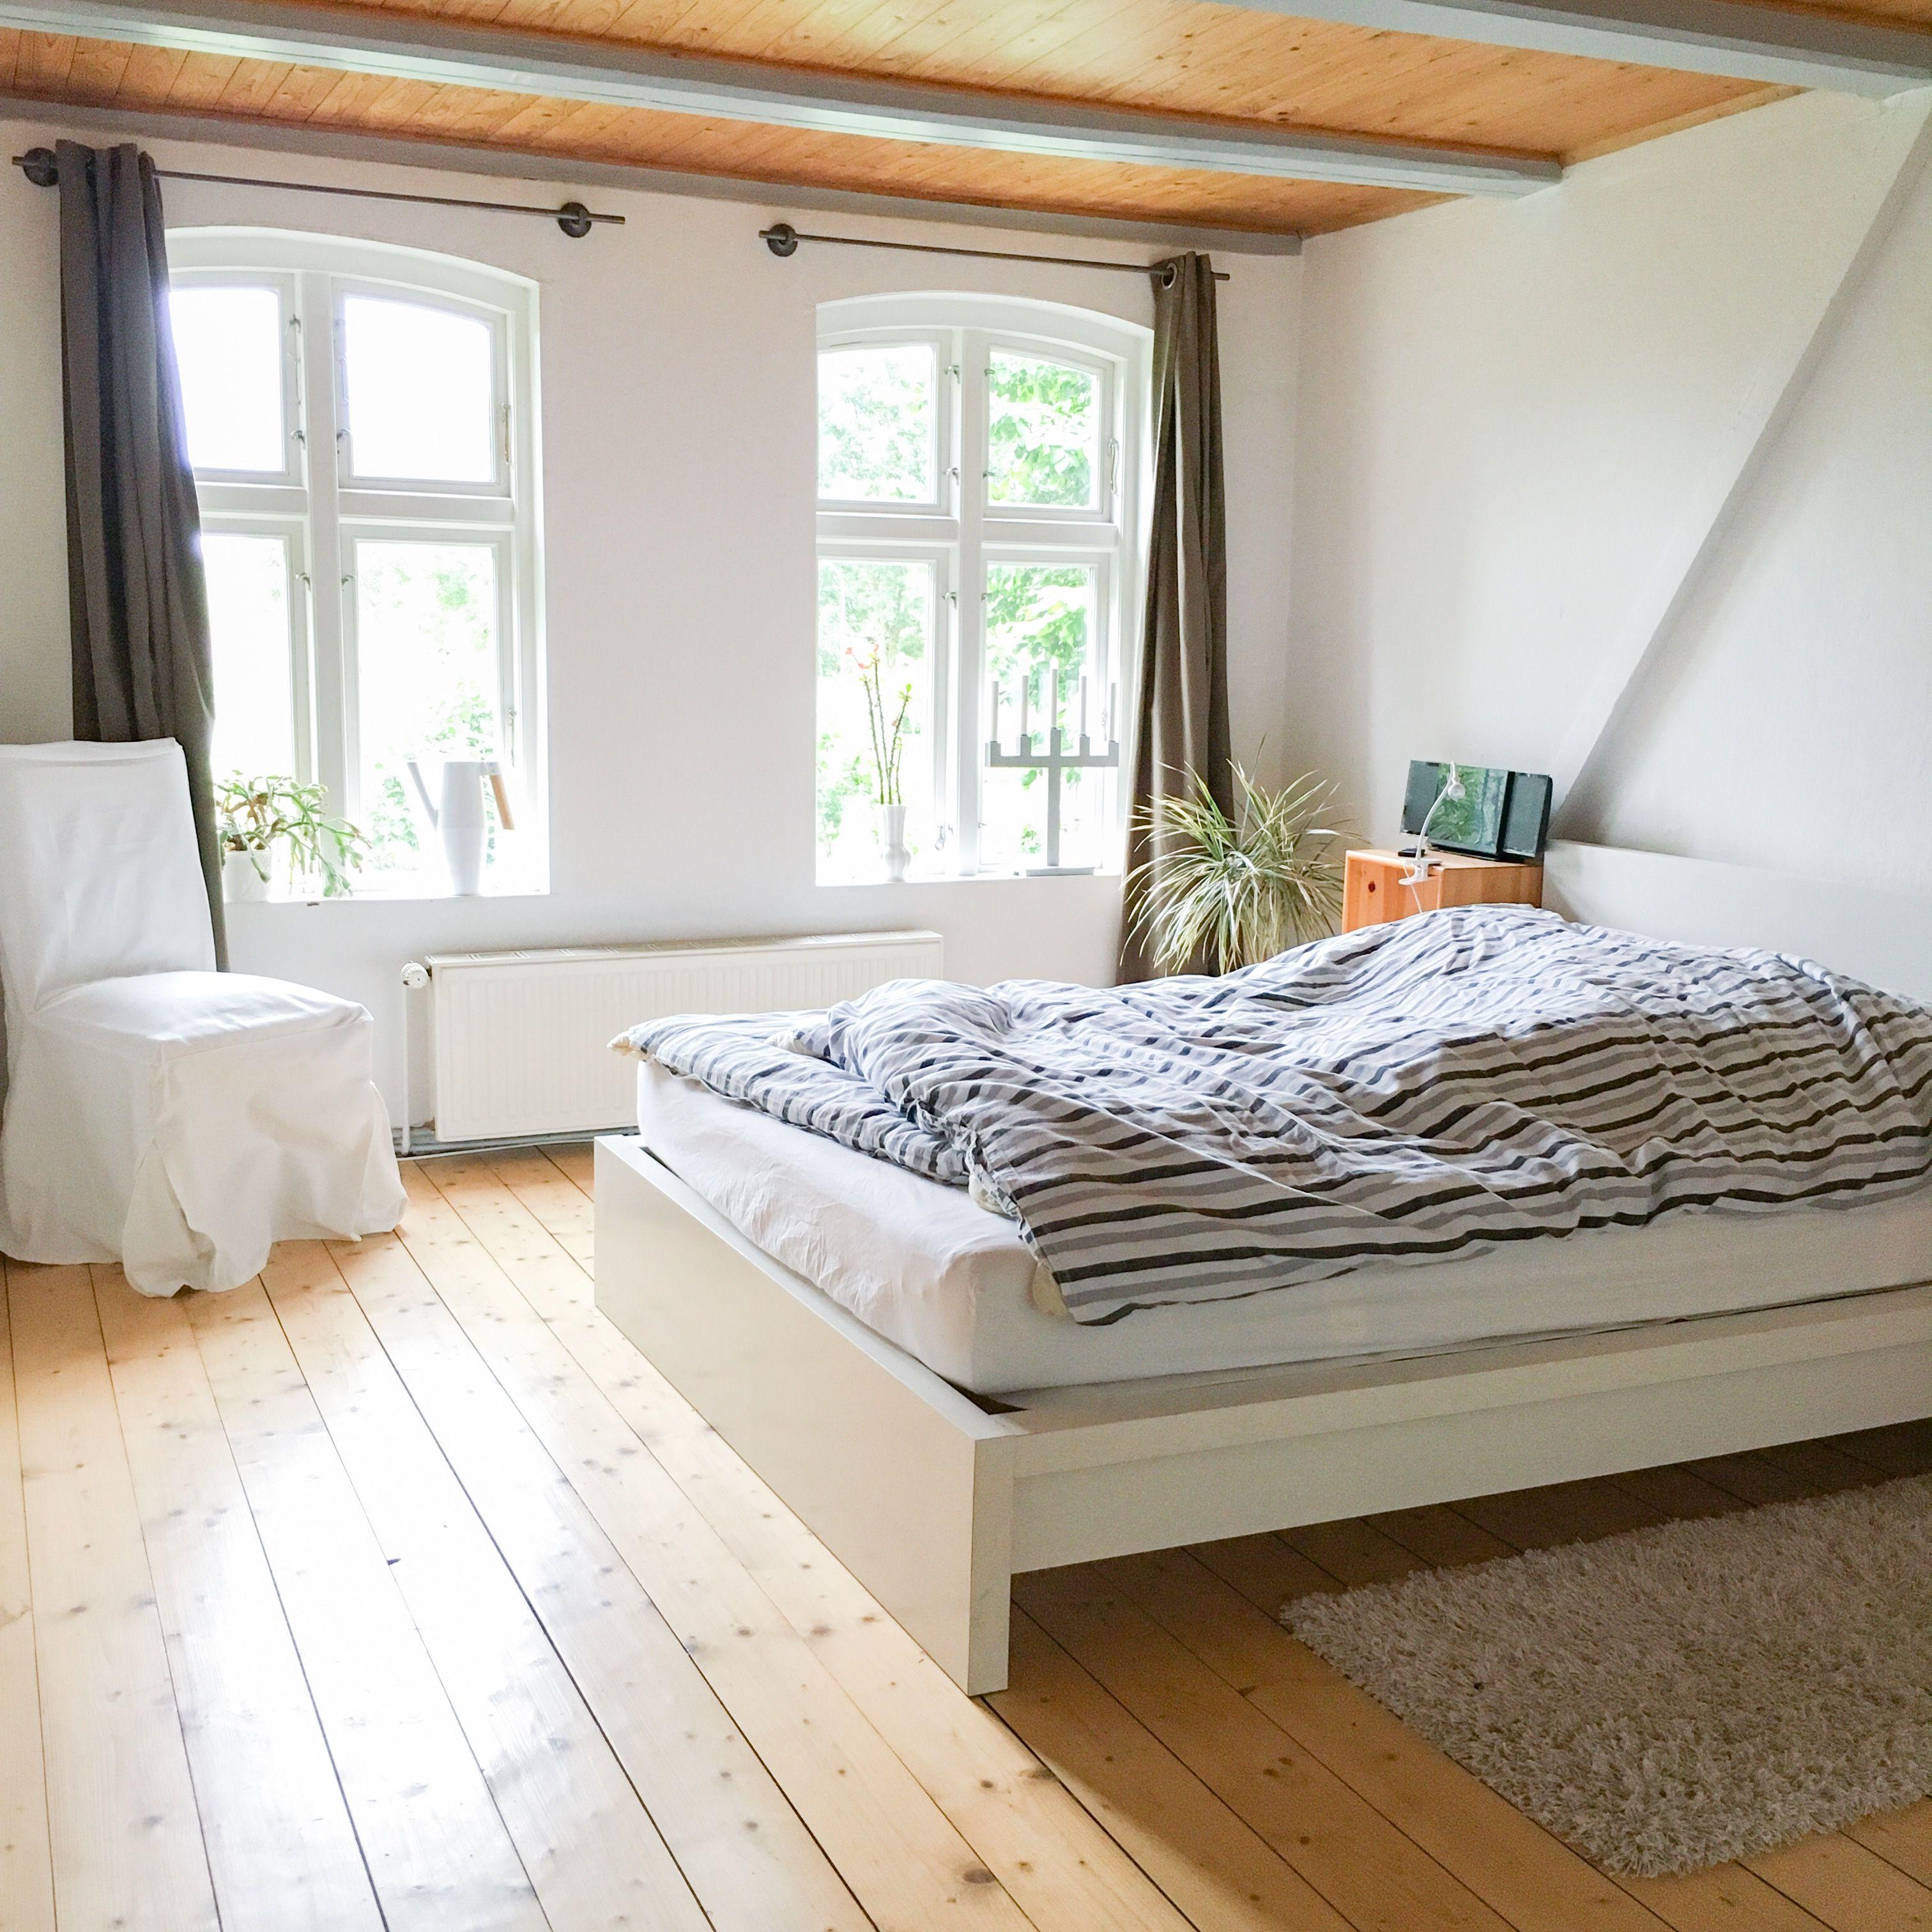 Landhaus, Schlafzimmer, Balken, Holzbalken, Bett, malm, Landhaus